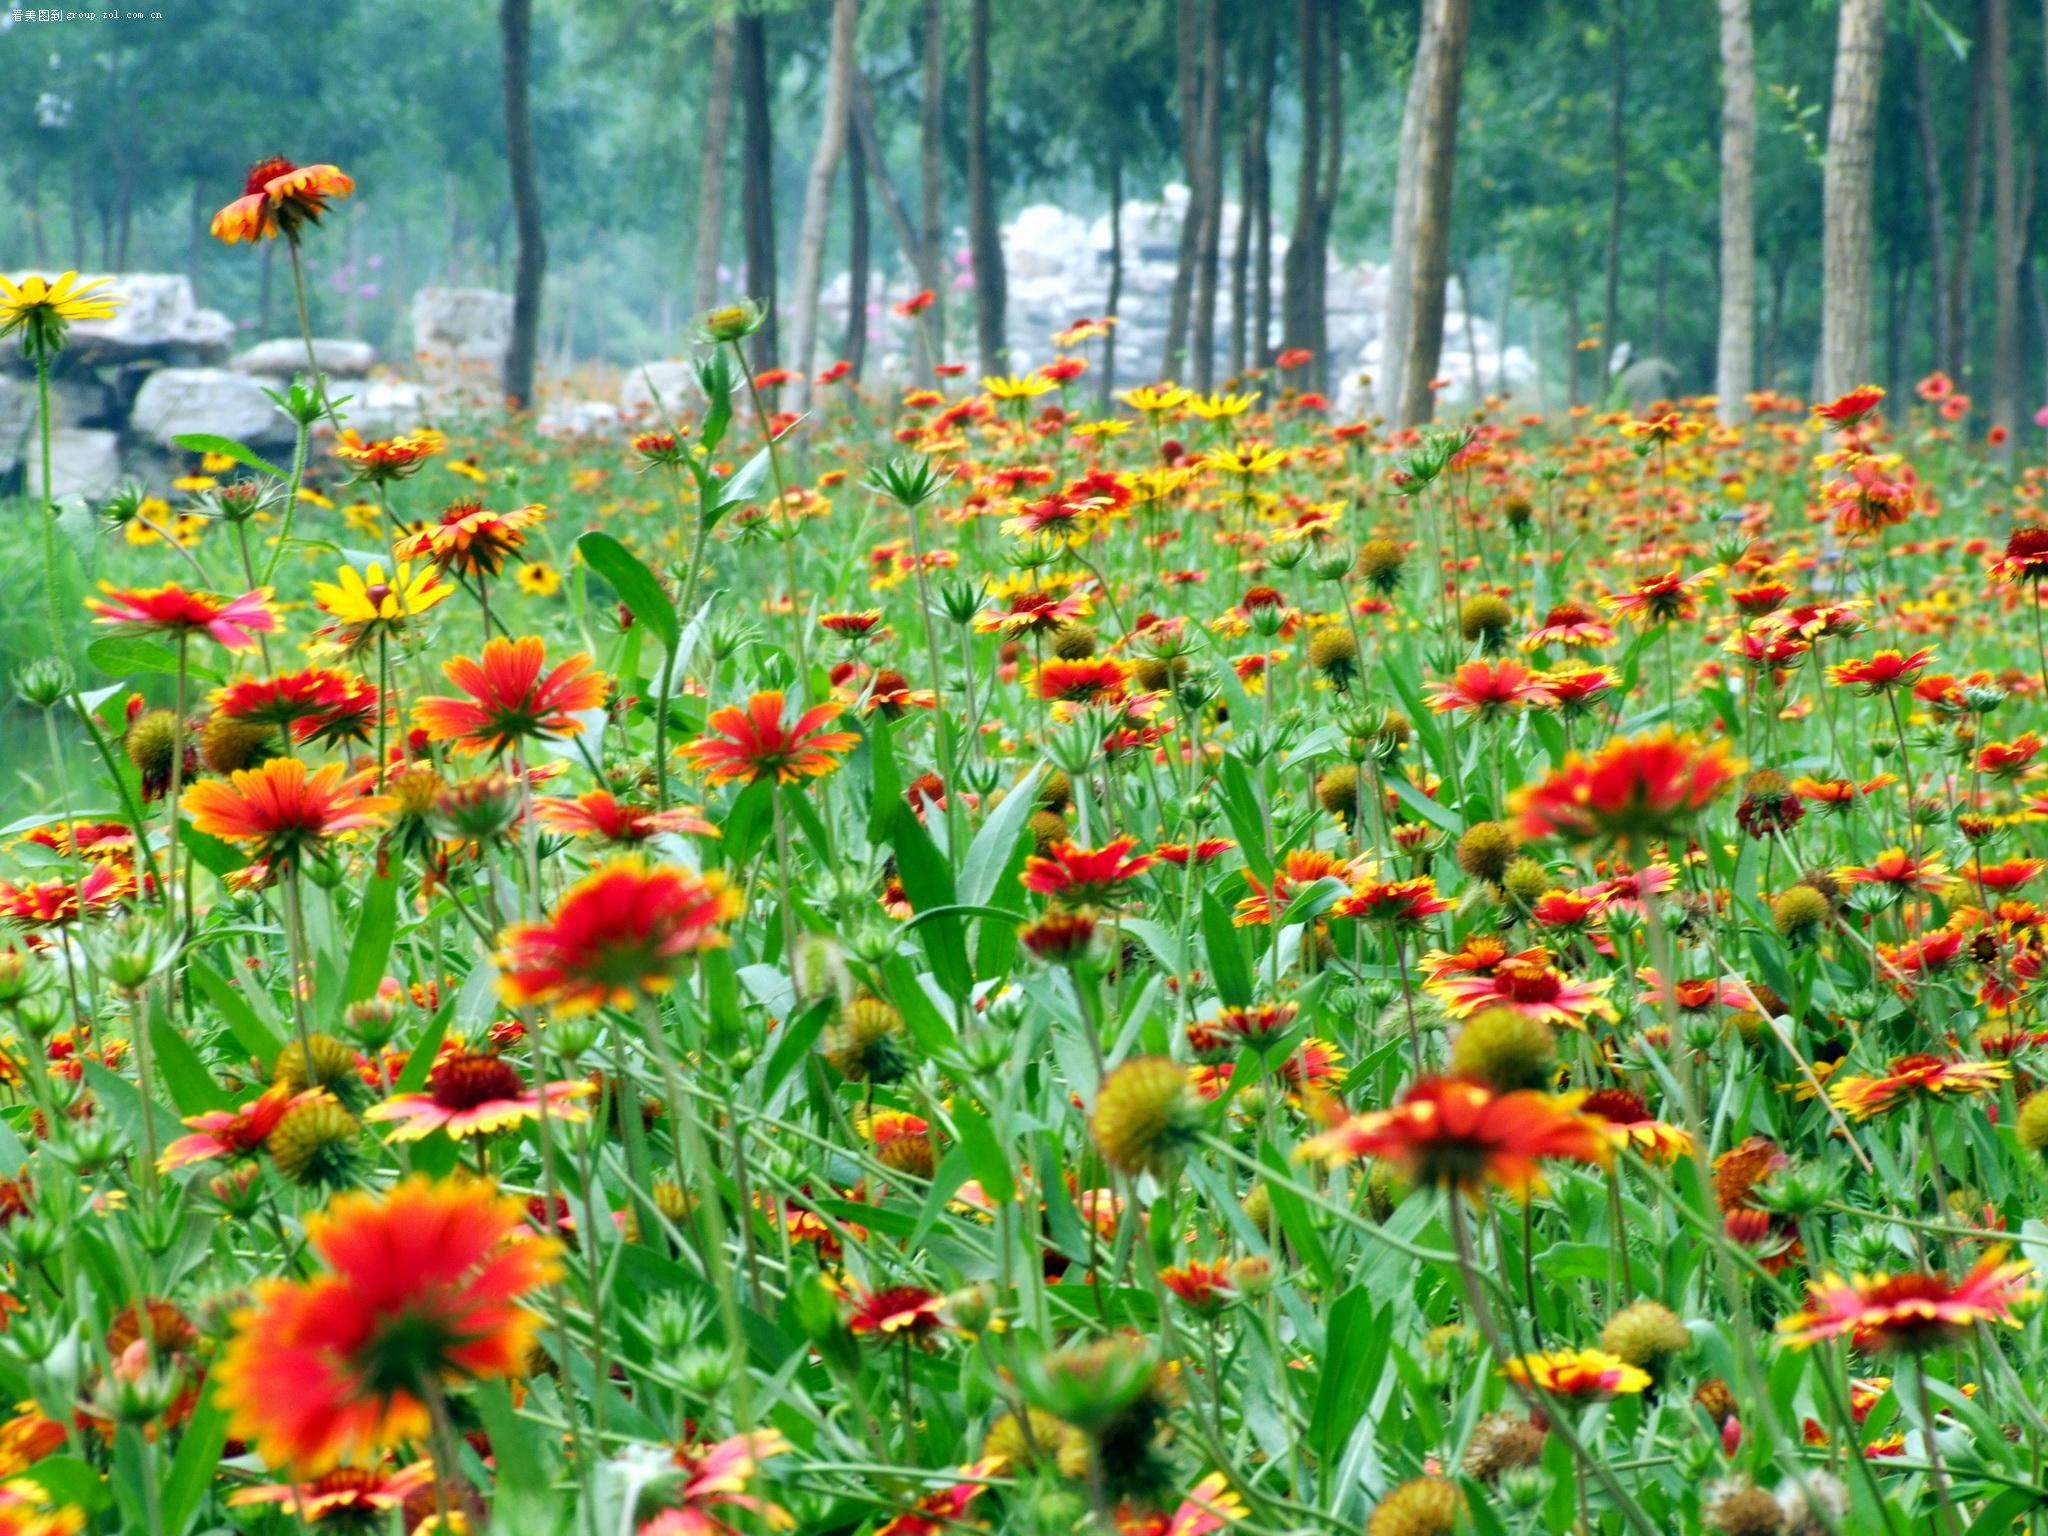 野花树林风景图